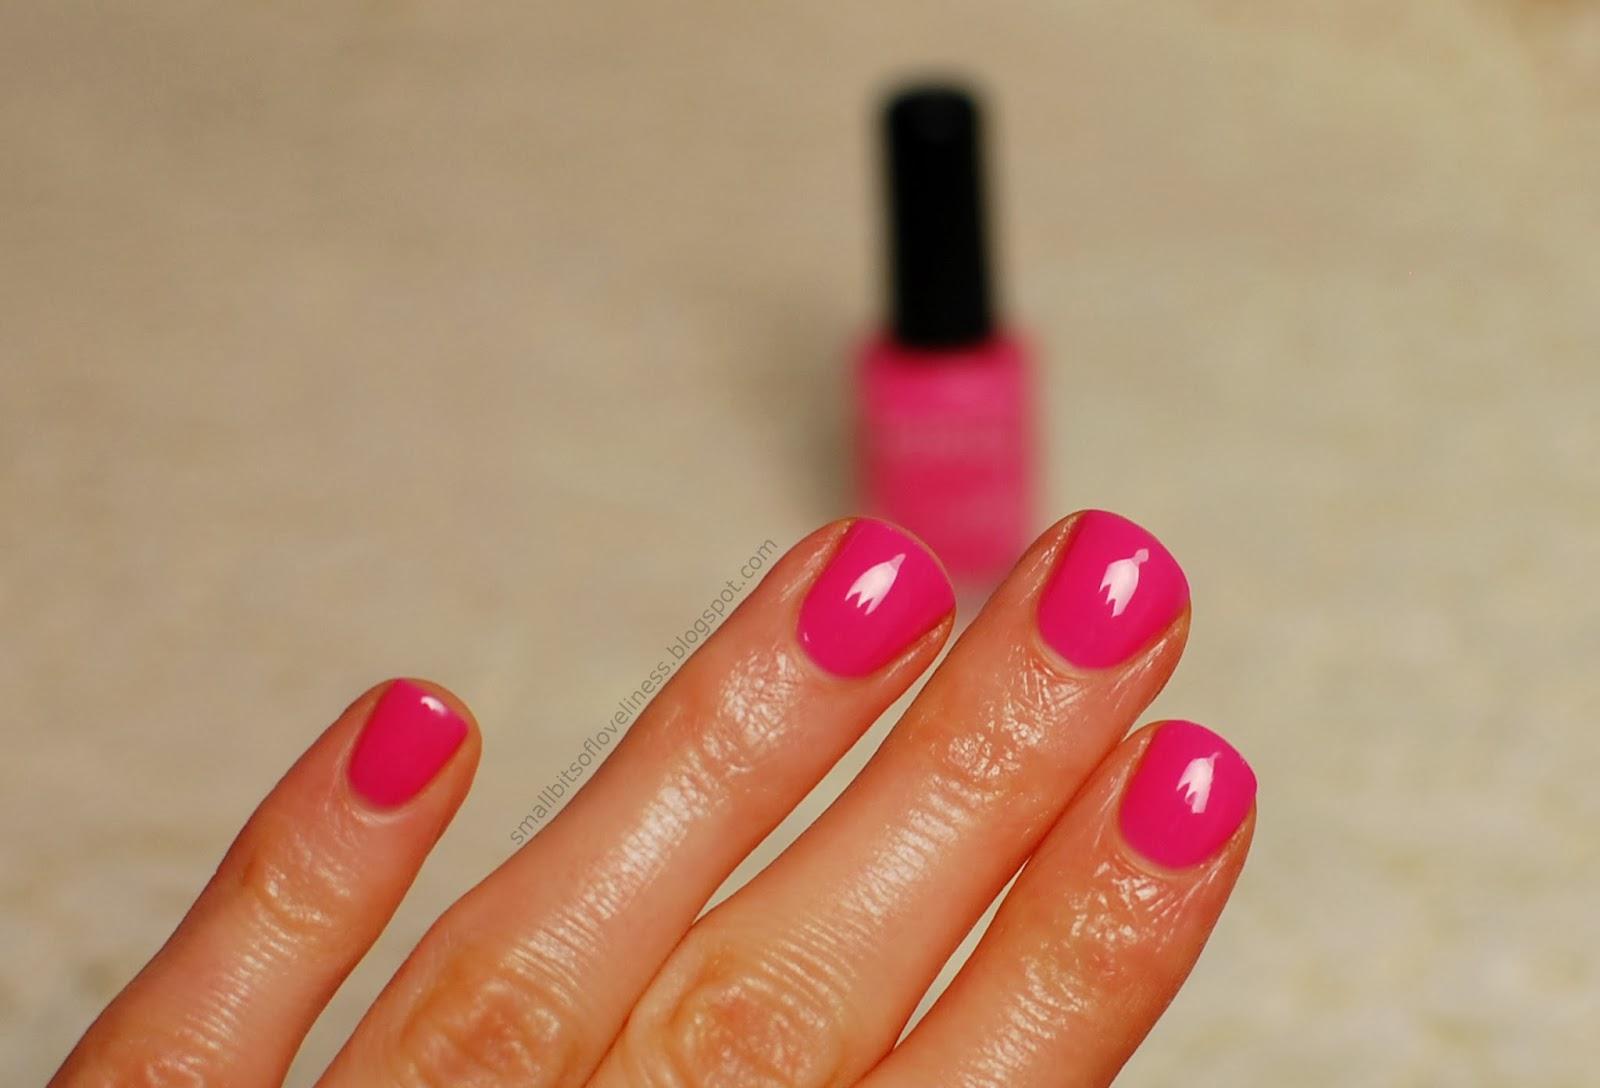 Kiko Nail Polish 288, Flamingo Pink